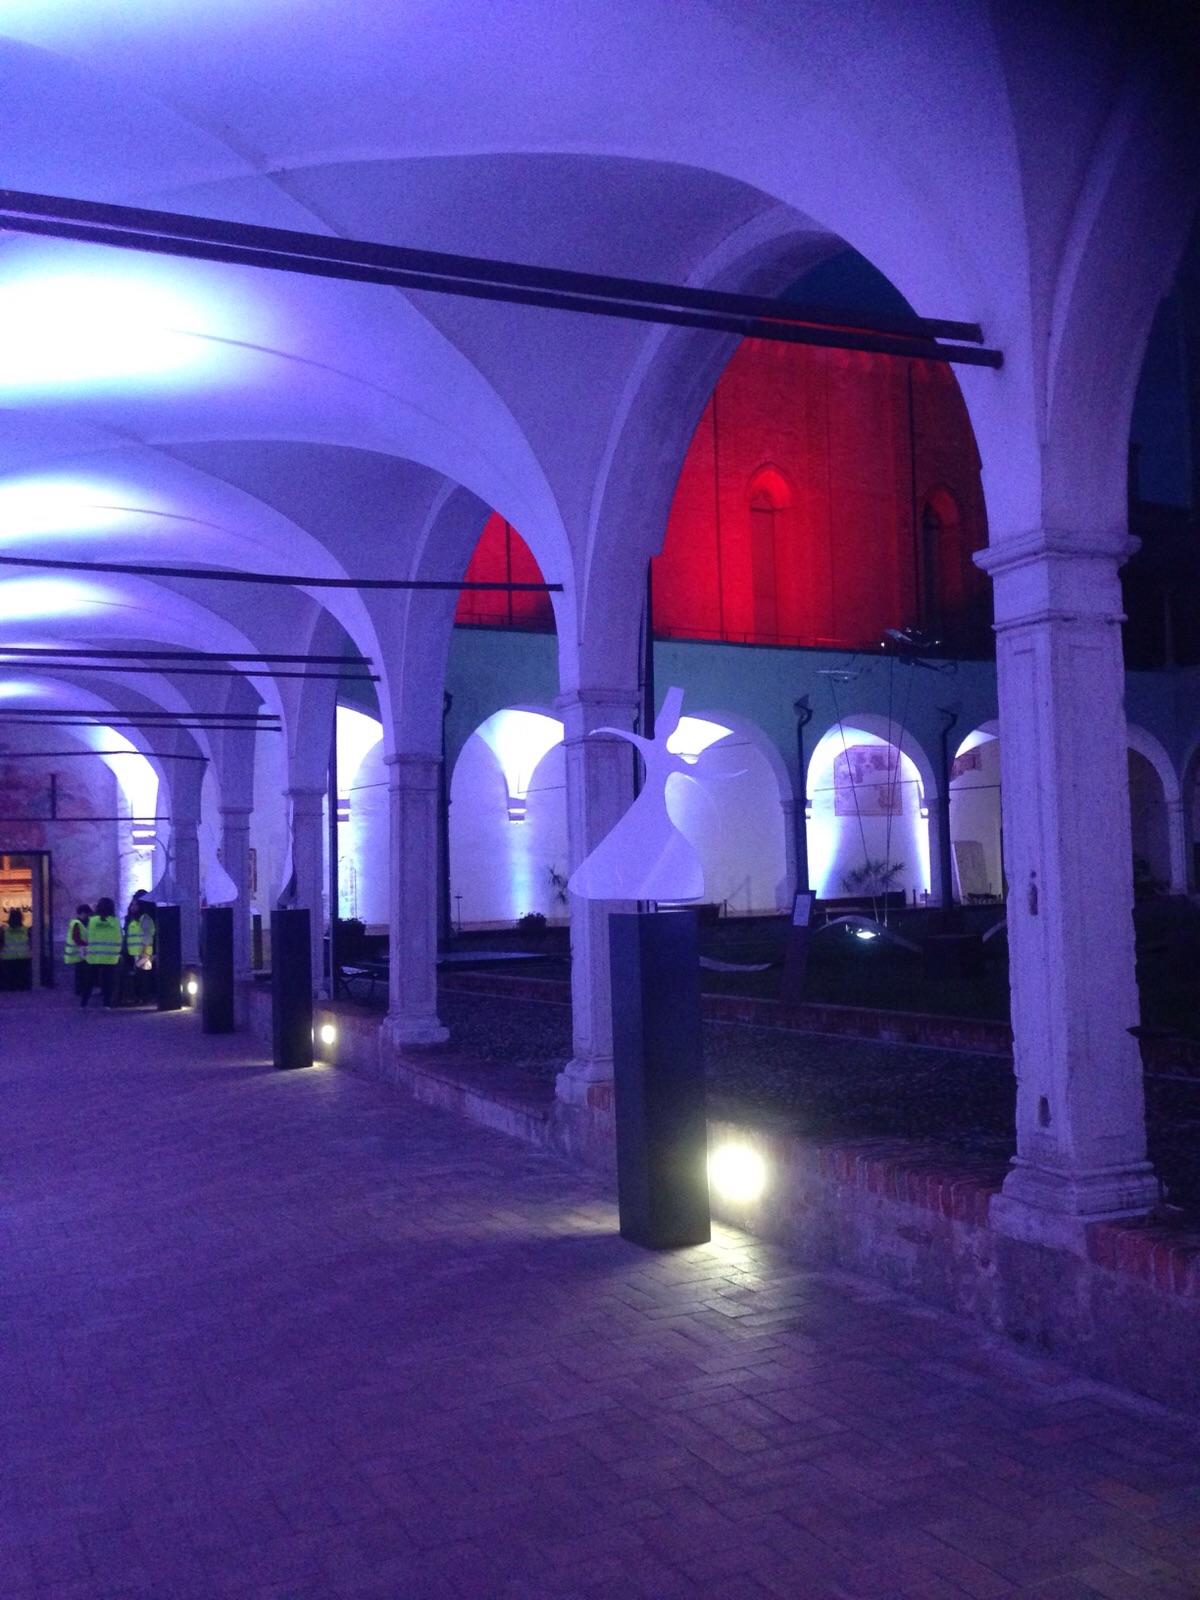 Illuminazione museo Santa Caterina by Mind srl per Carta Carbone festival letterario